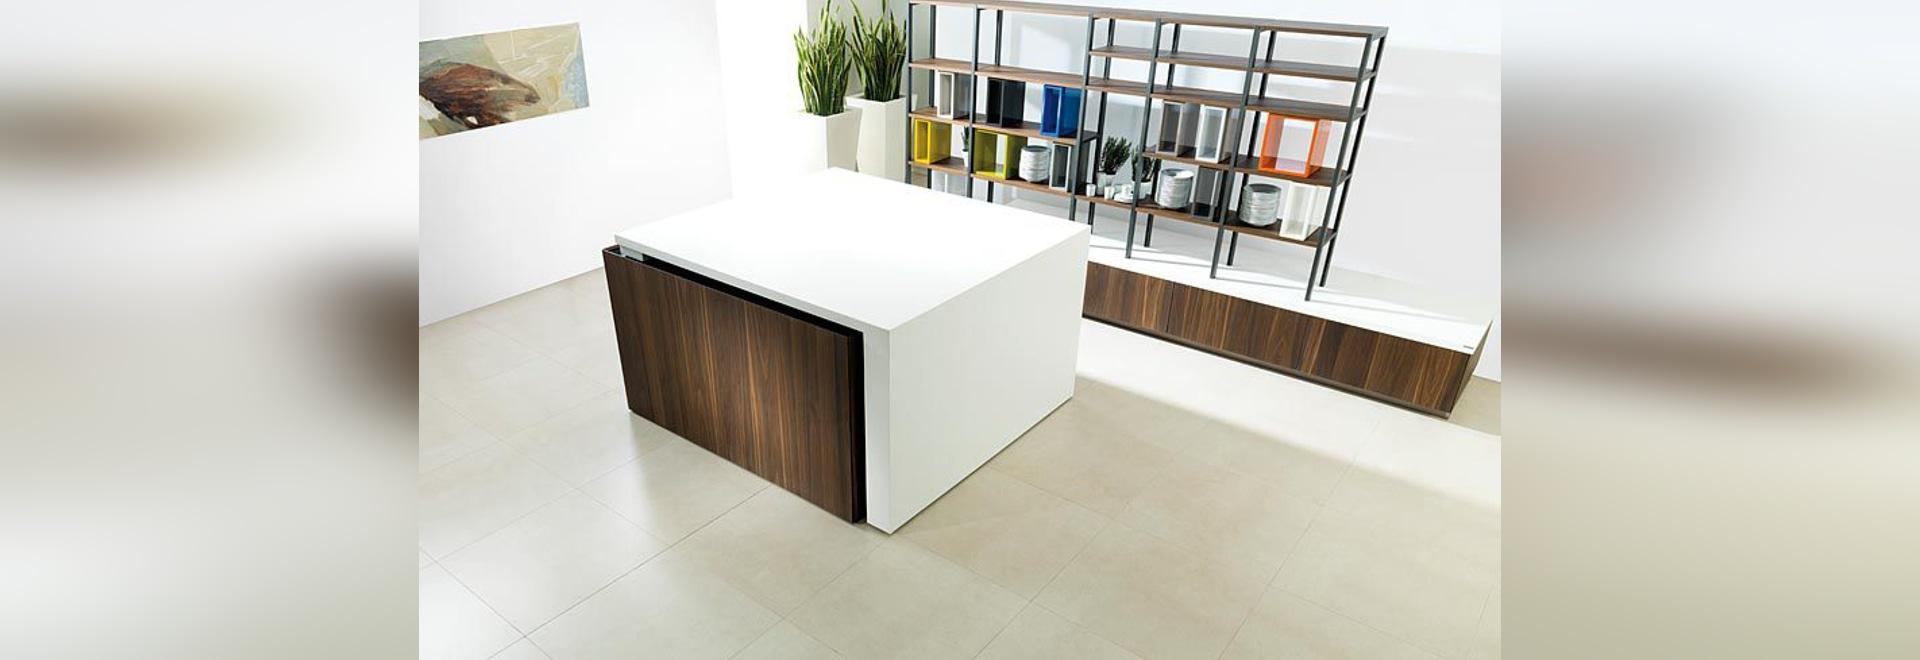 Innovative Kitchen Emotions Innovative Kitchen Furniture Gamadecor By Porcelanosa